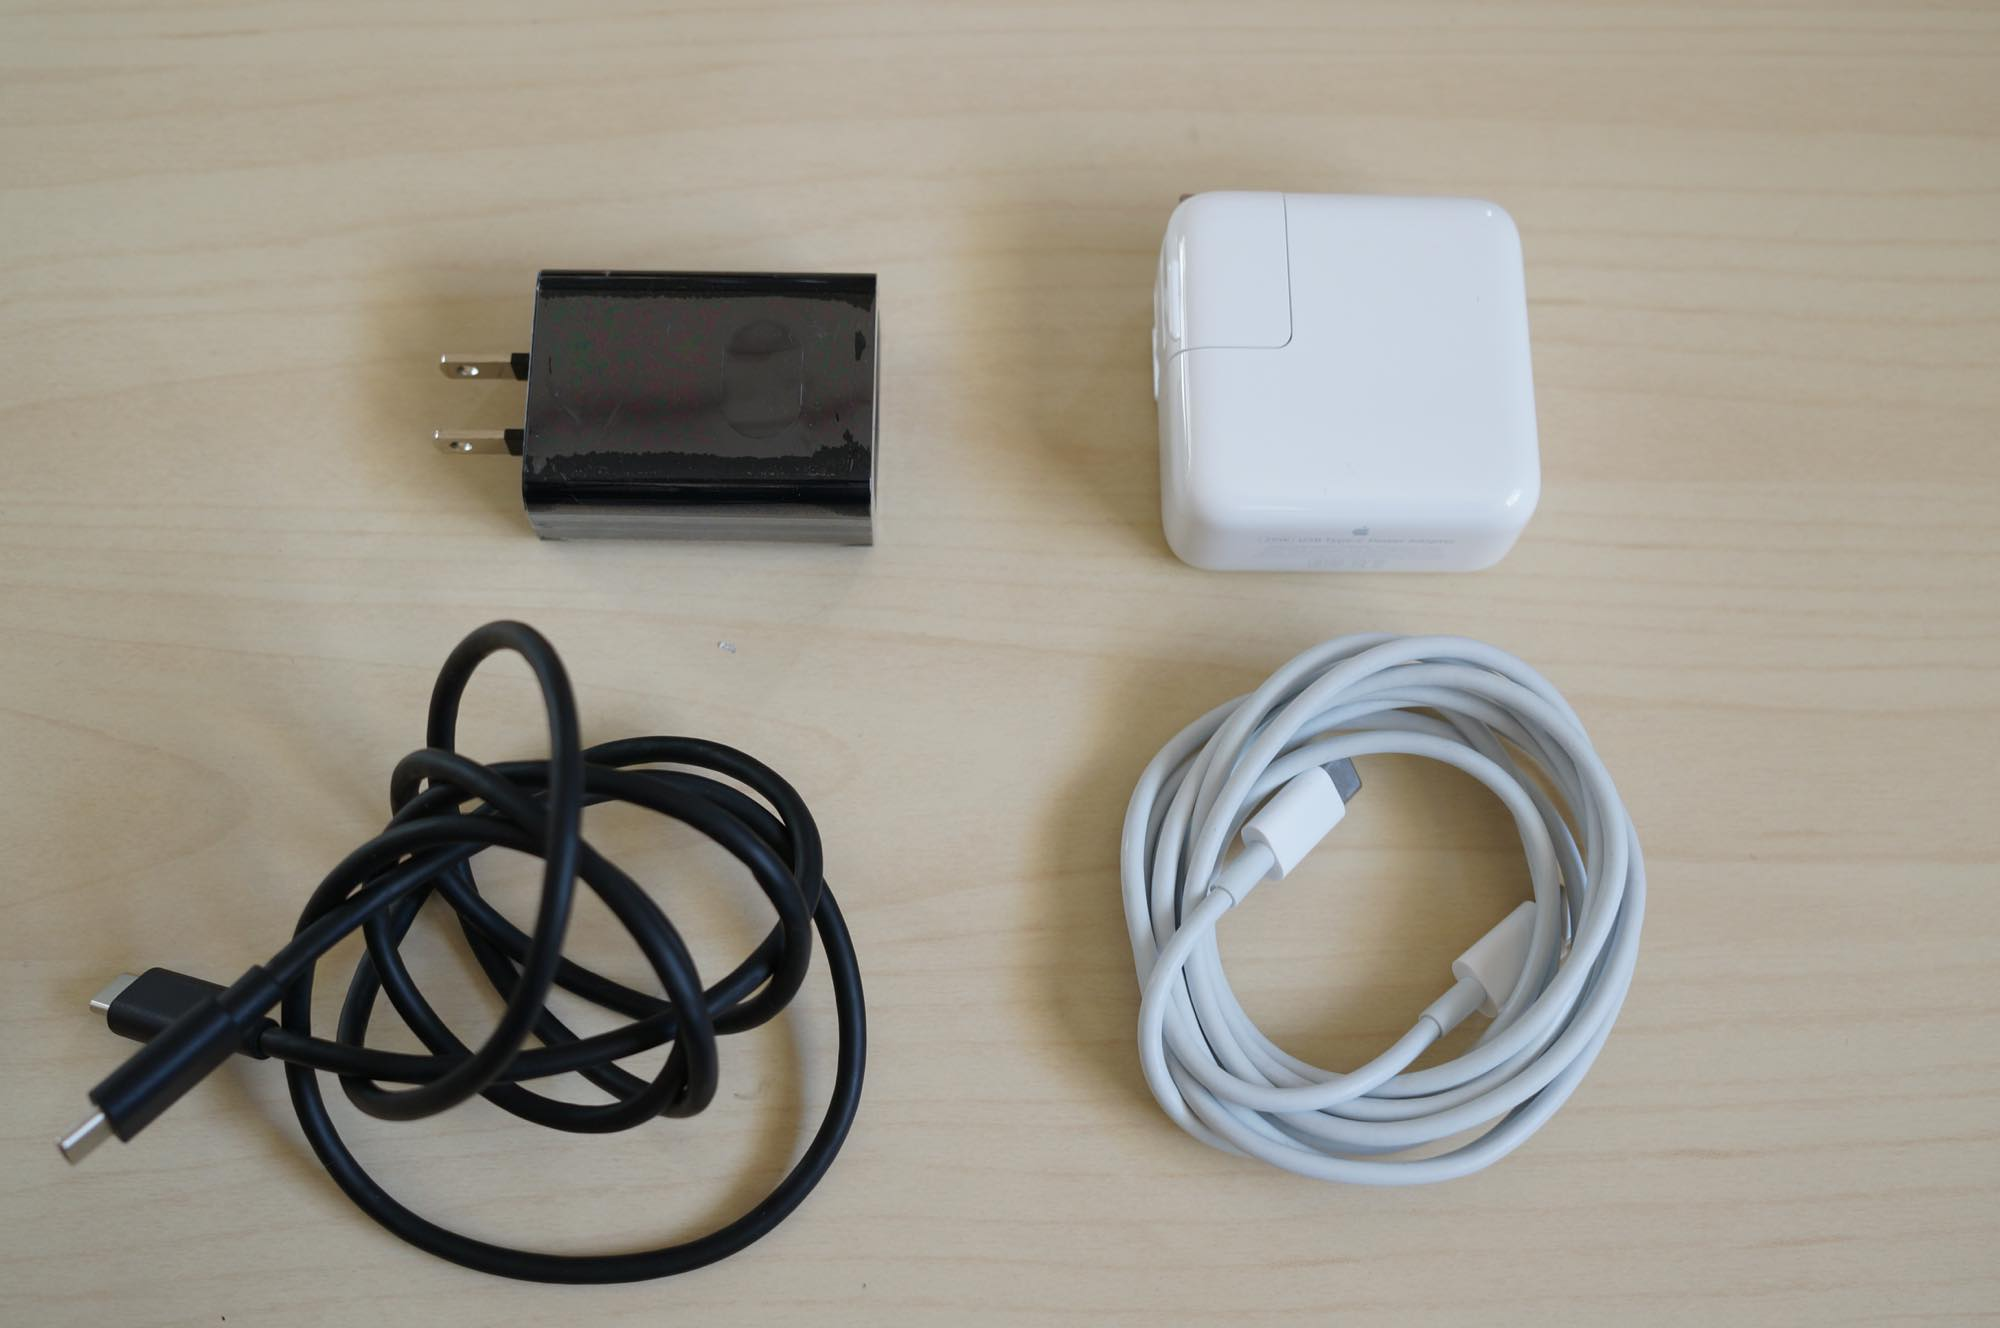 macbook-nexus-charger4